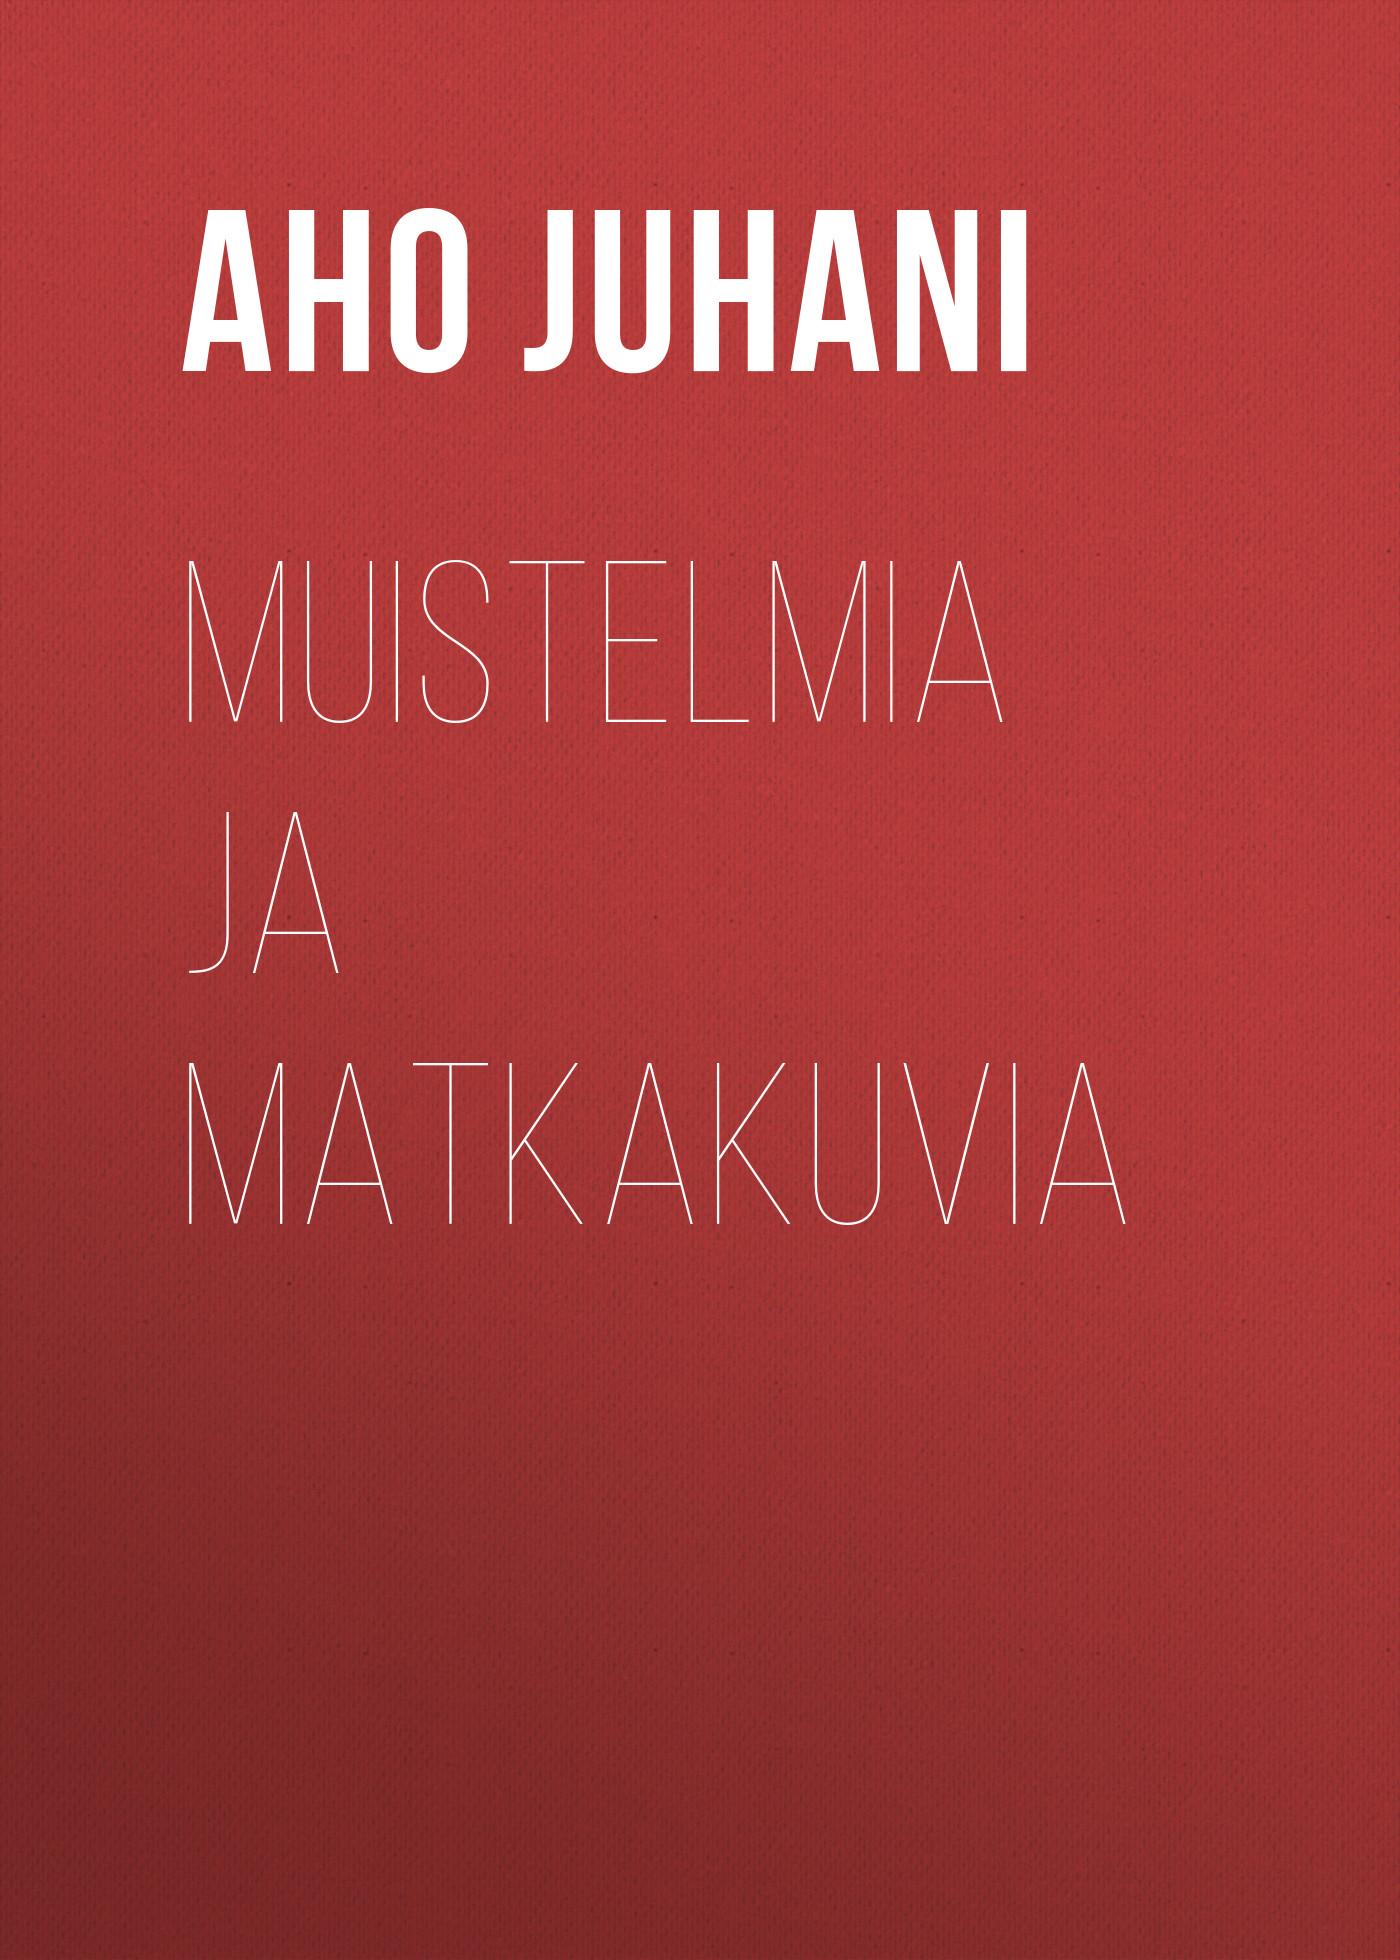 Aho Juhani Muistelmia ja matkakuvia цена и фото